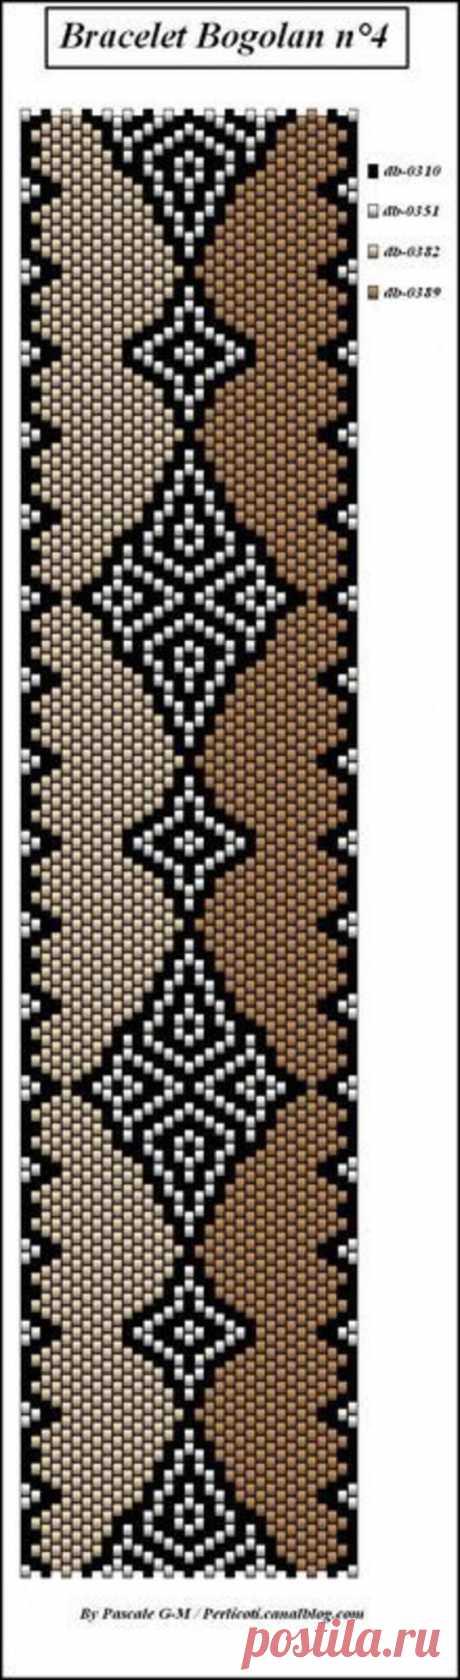 (13) Pin by kazumi on beads stitch